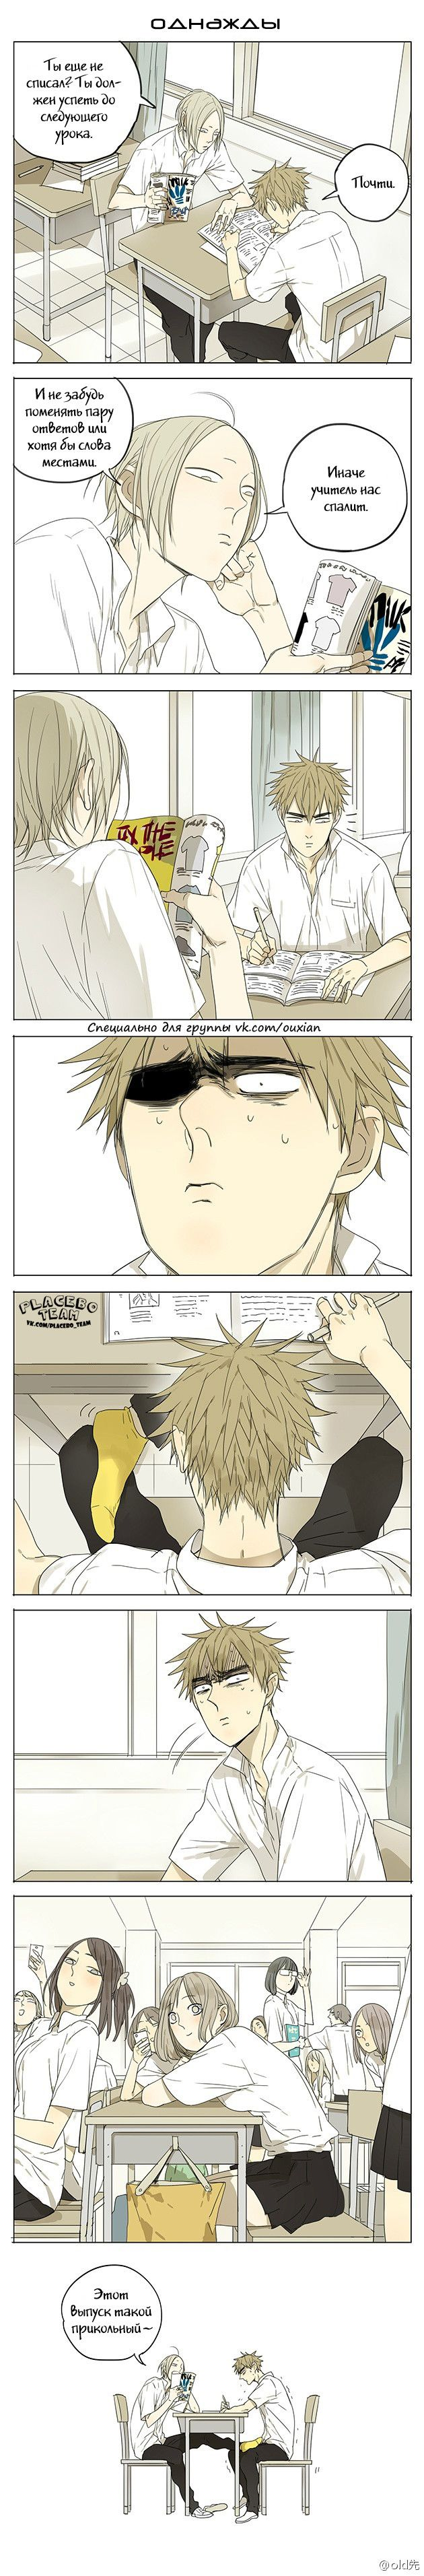 Чтение манги 19 Дней - Однажды 1 - 21 Я, наконец, закончил! - самые свежие переводы. Read manga online! - ReadManga.me